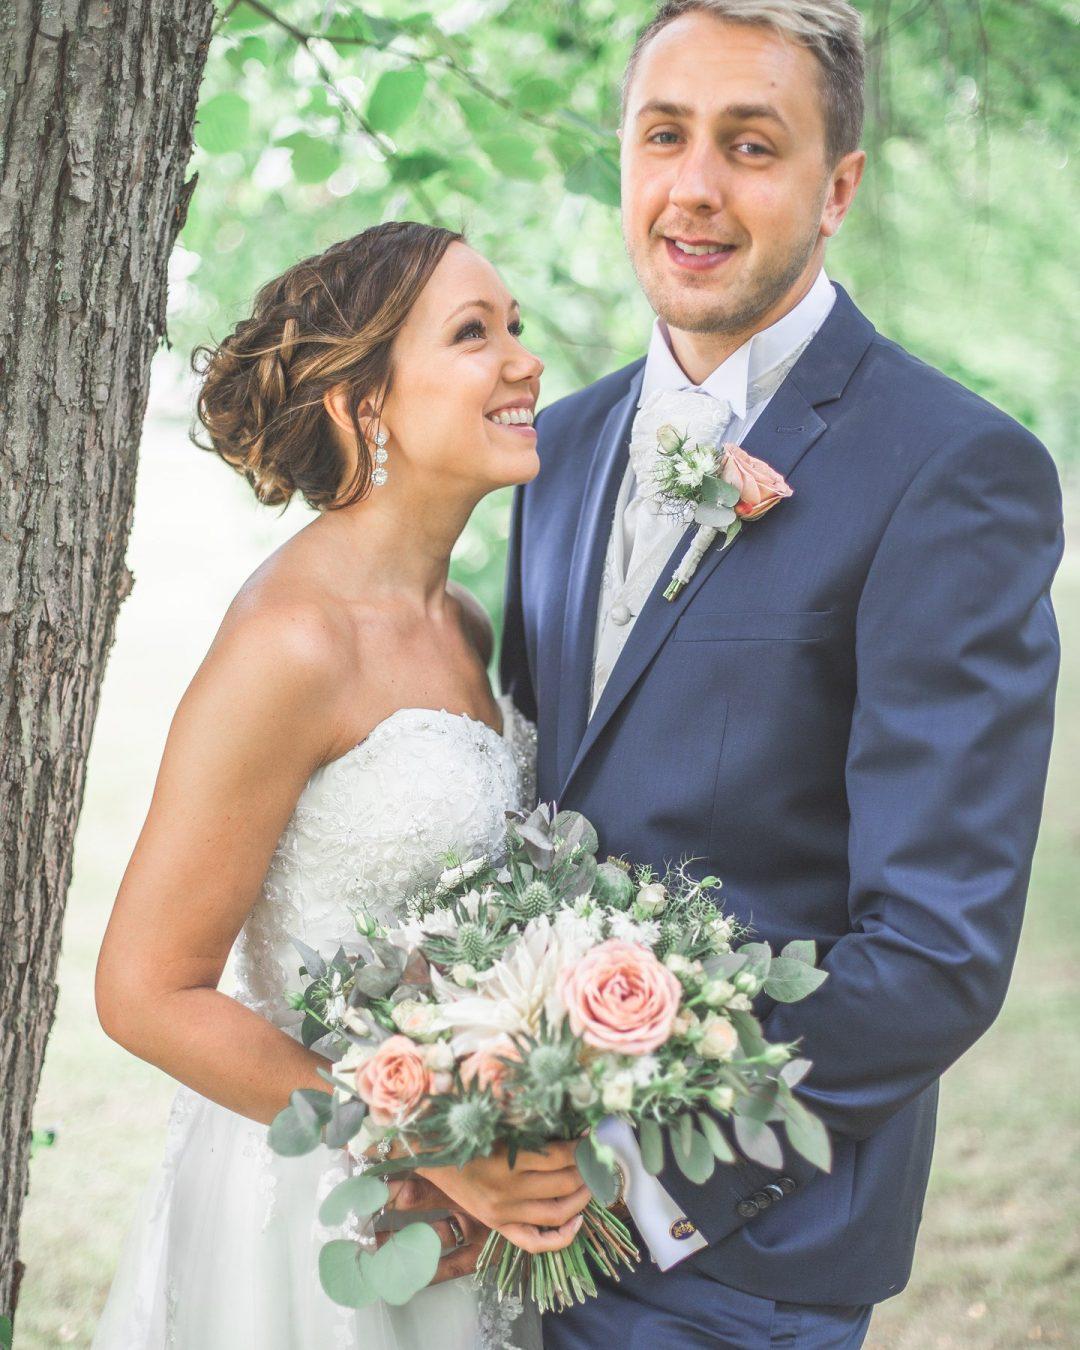 wedding-caroline_frankesjo_2018-2785_web_web